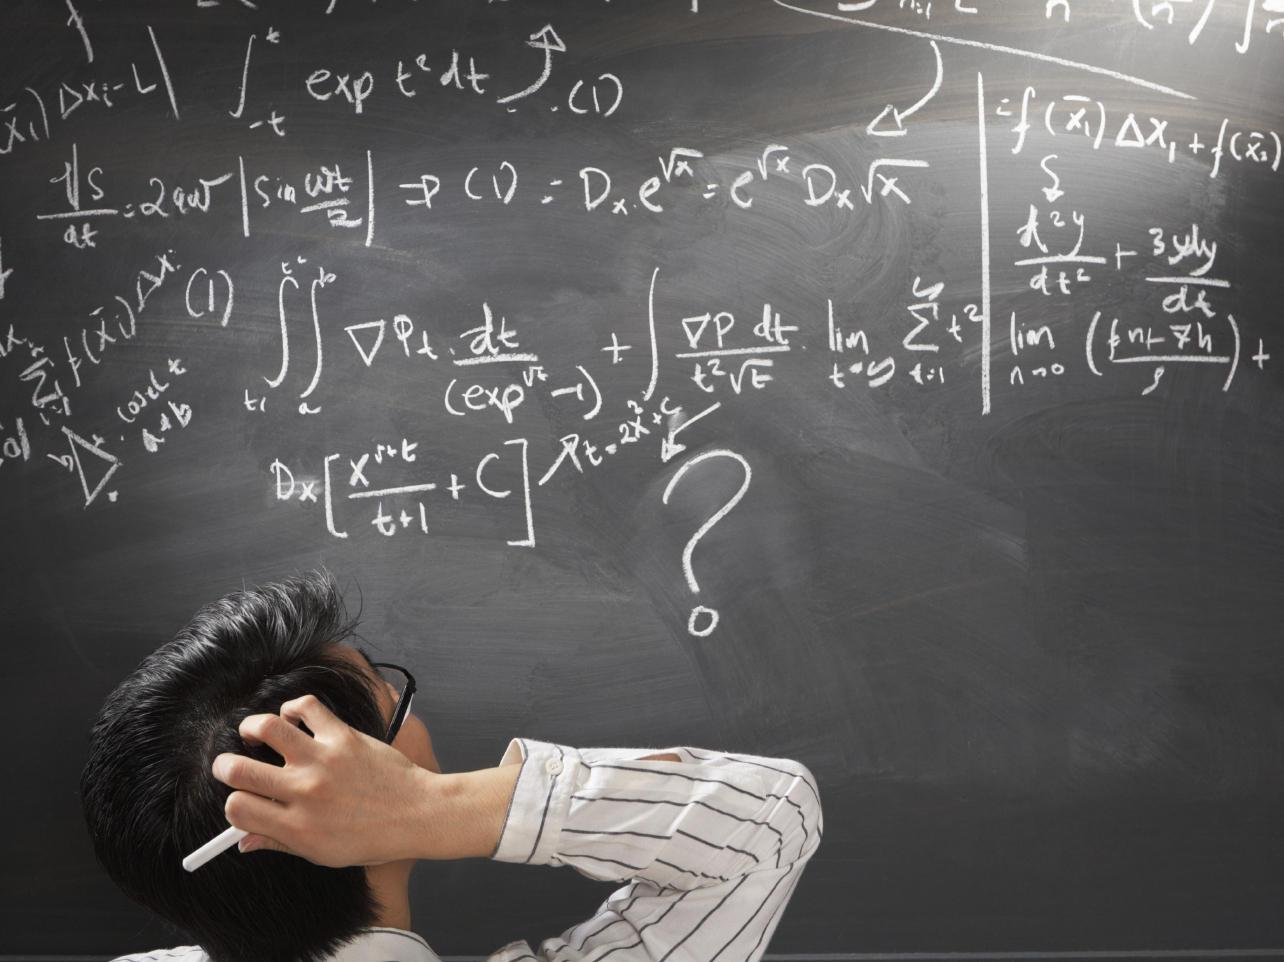 homem escrevendo equação matemática em quadro negro e com dúvida